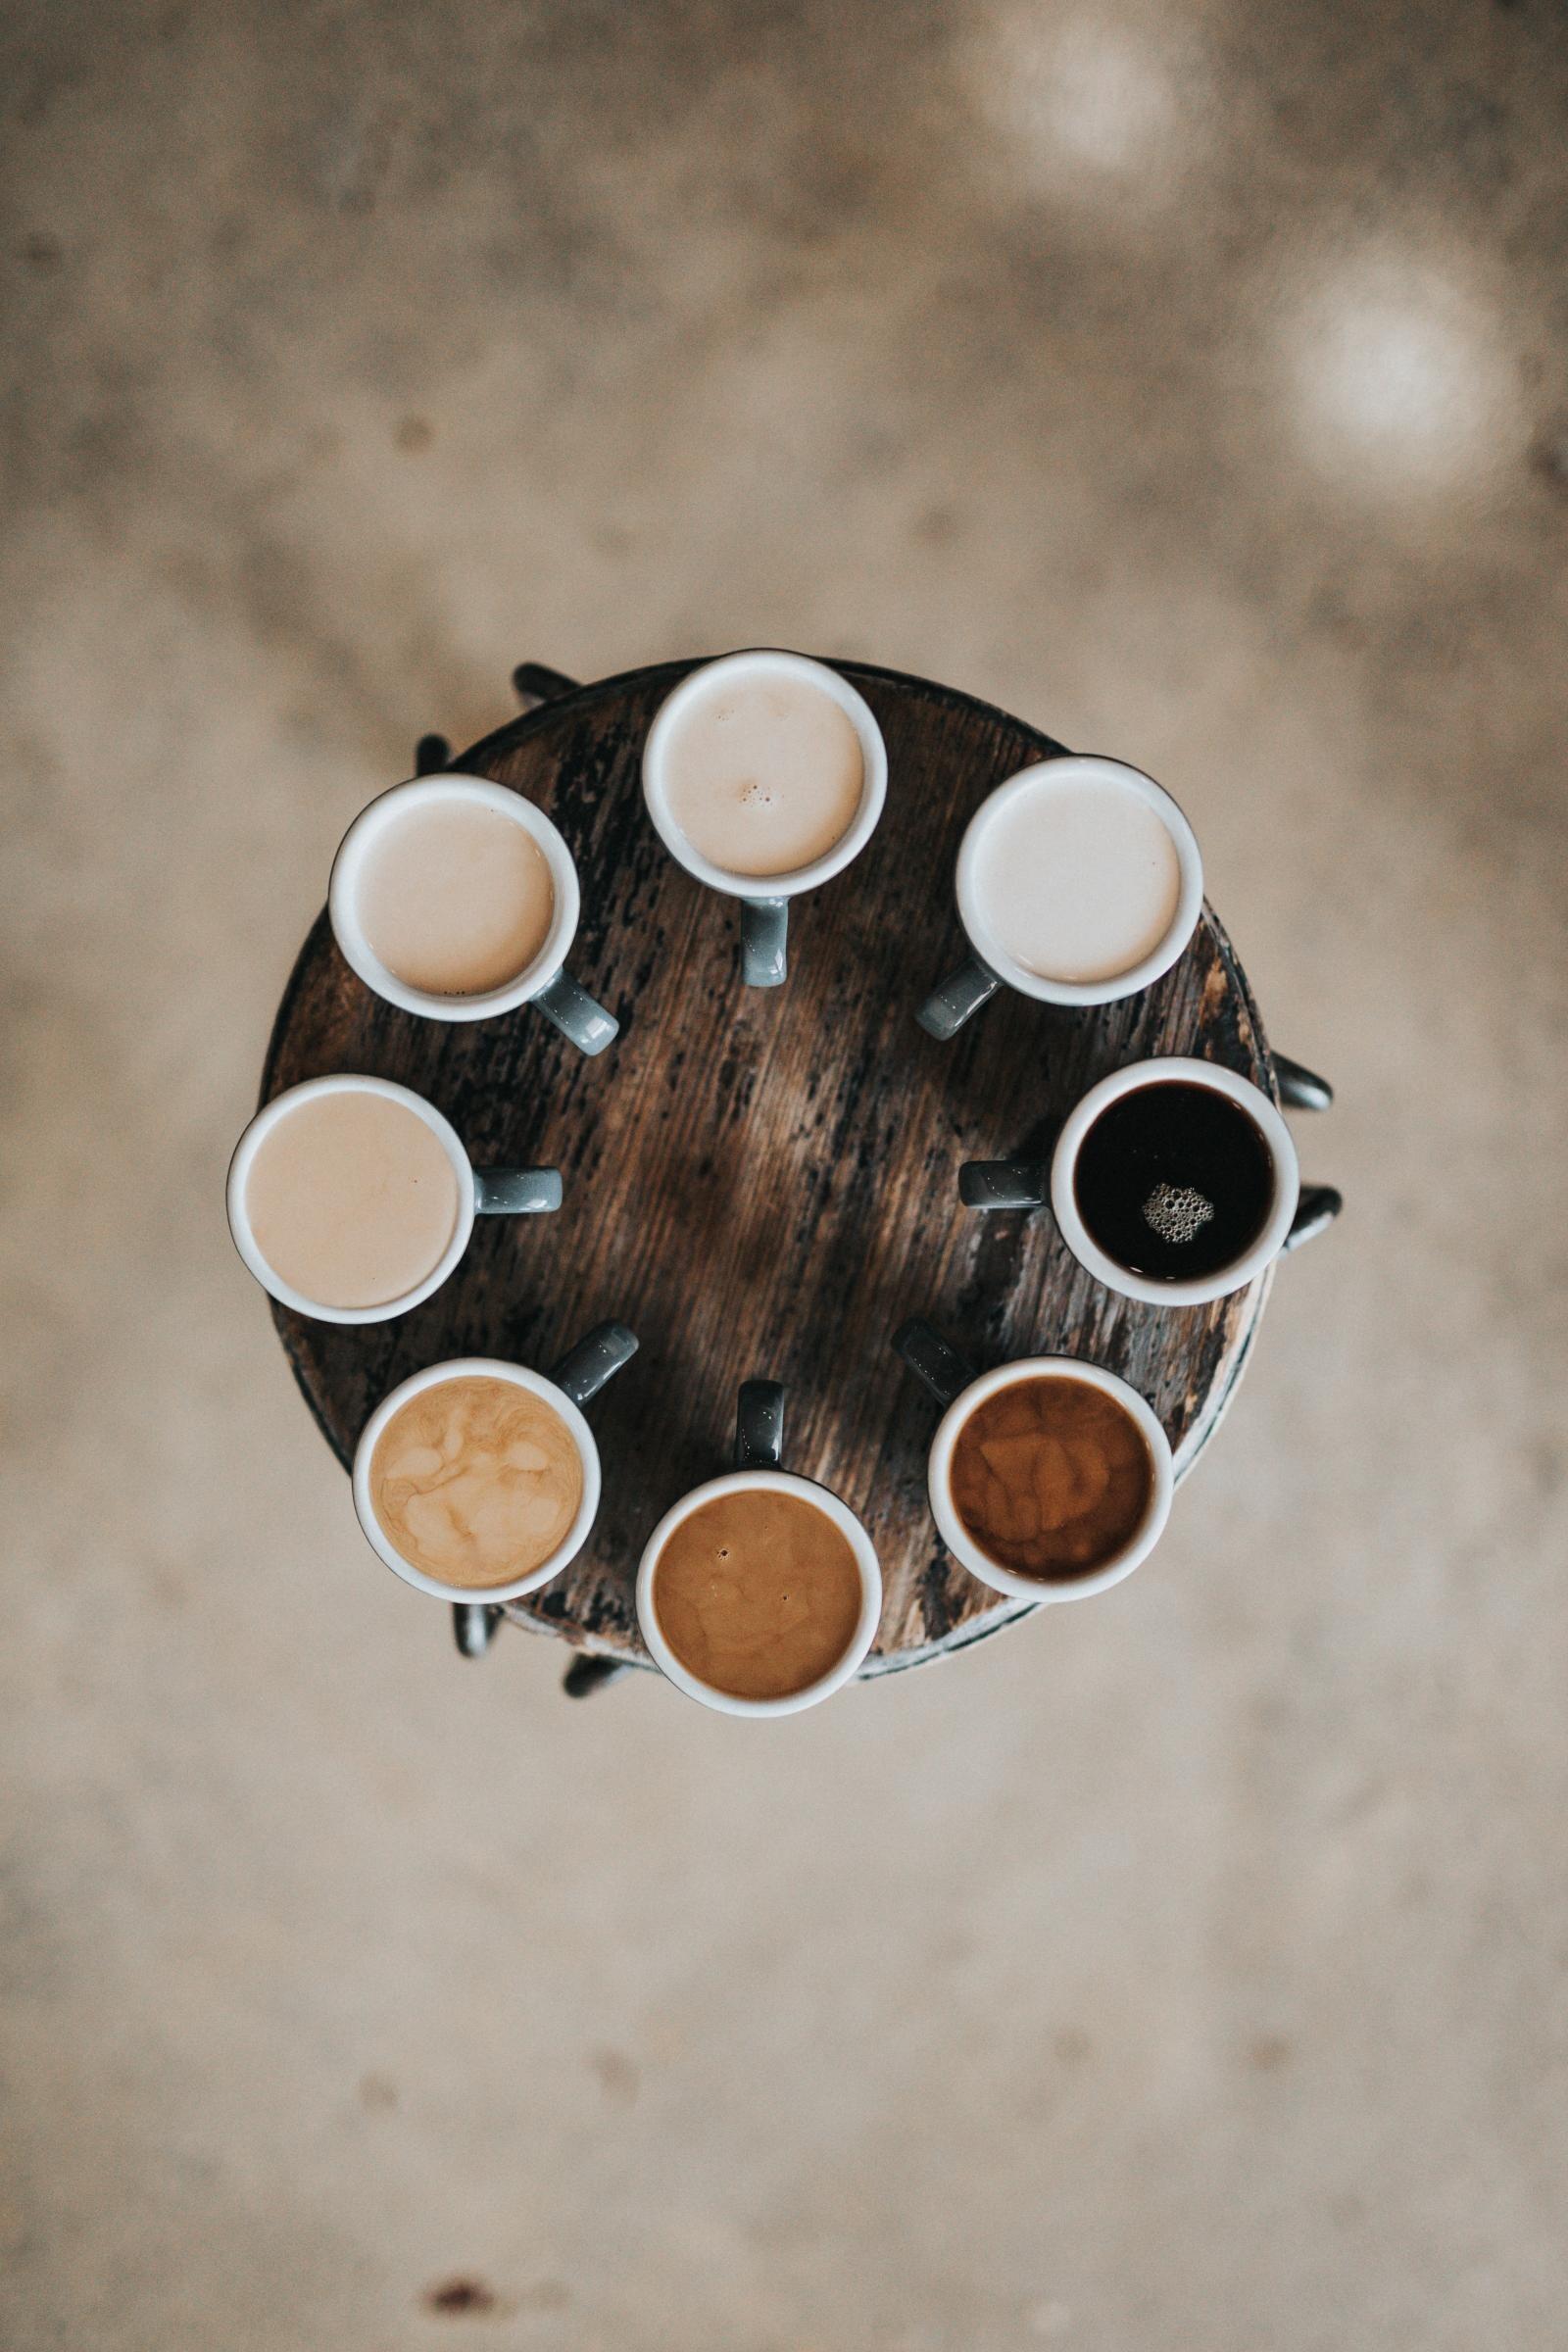 Cafeaua neagră ajută la arderea grăsimilor, Ce beneficii are cafeaua asupra organismului?